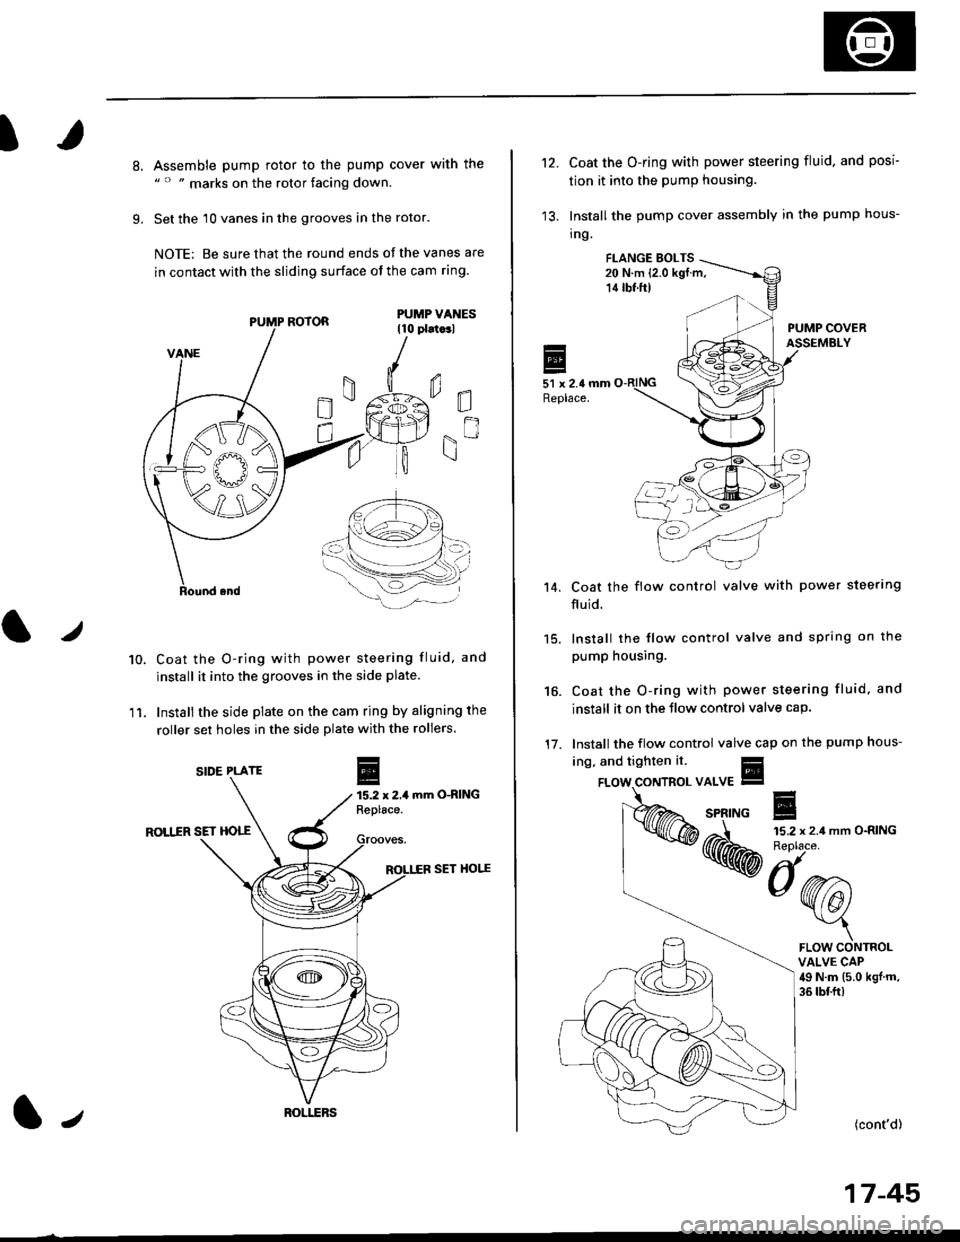 HONDA CIVIC 1997 6.G Workshop Manual